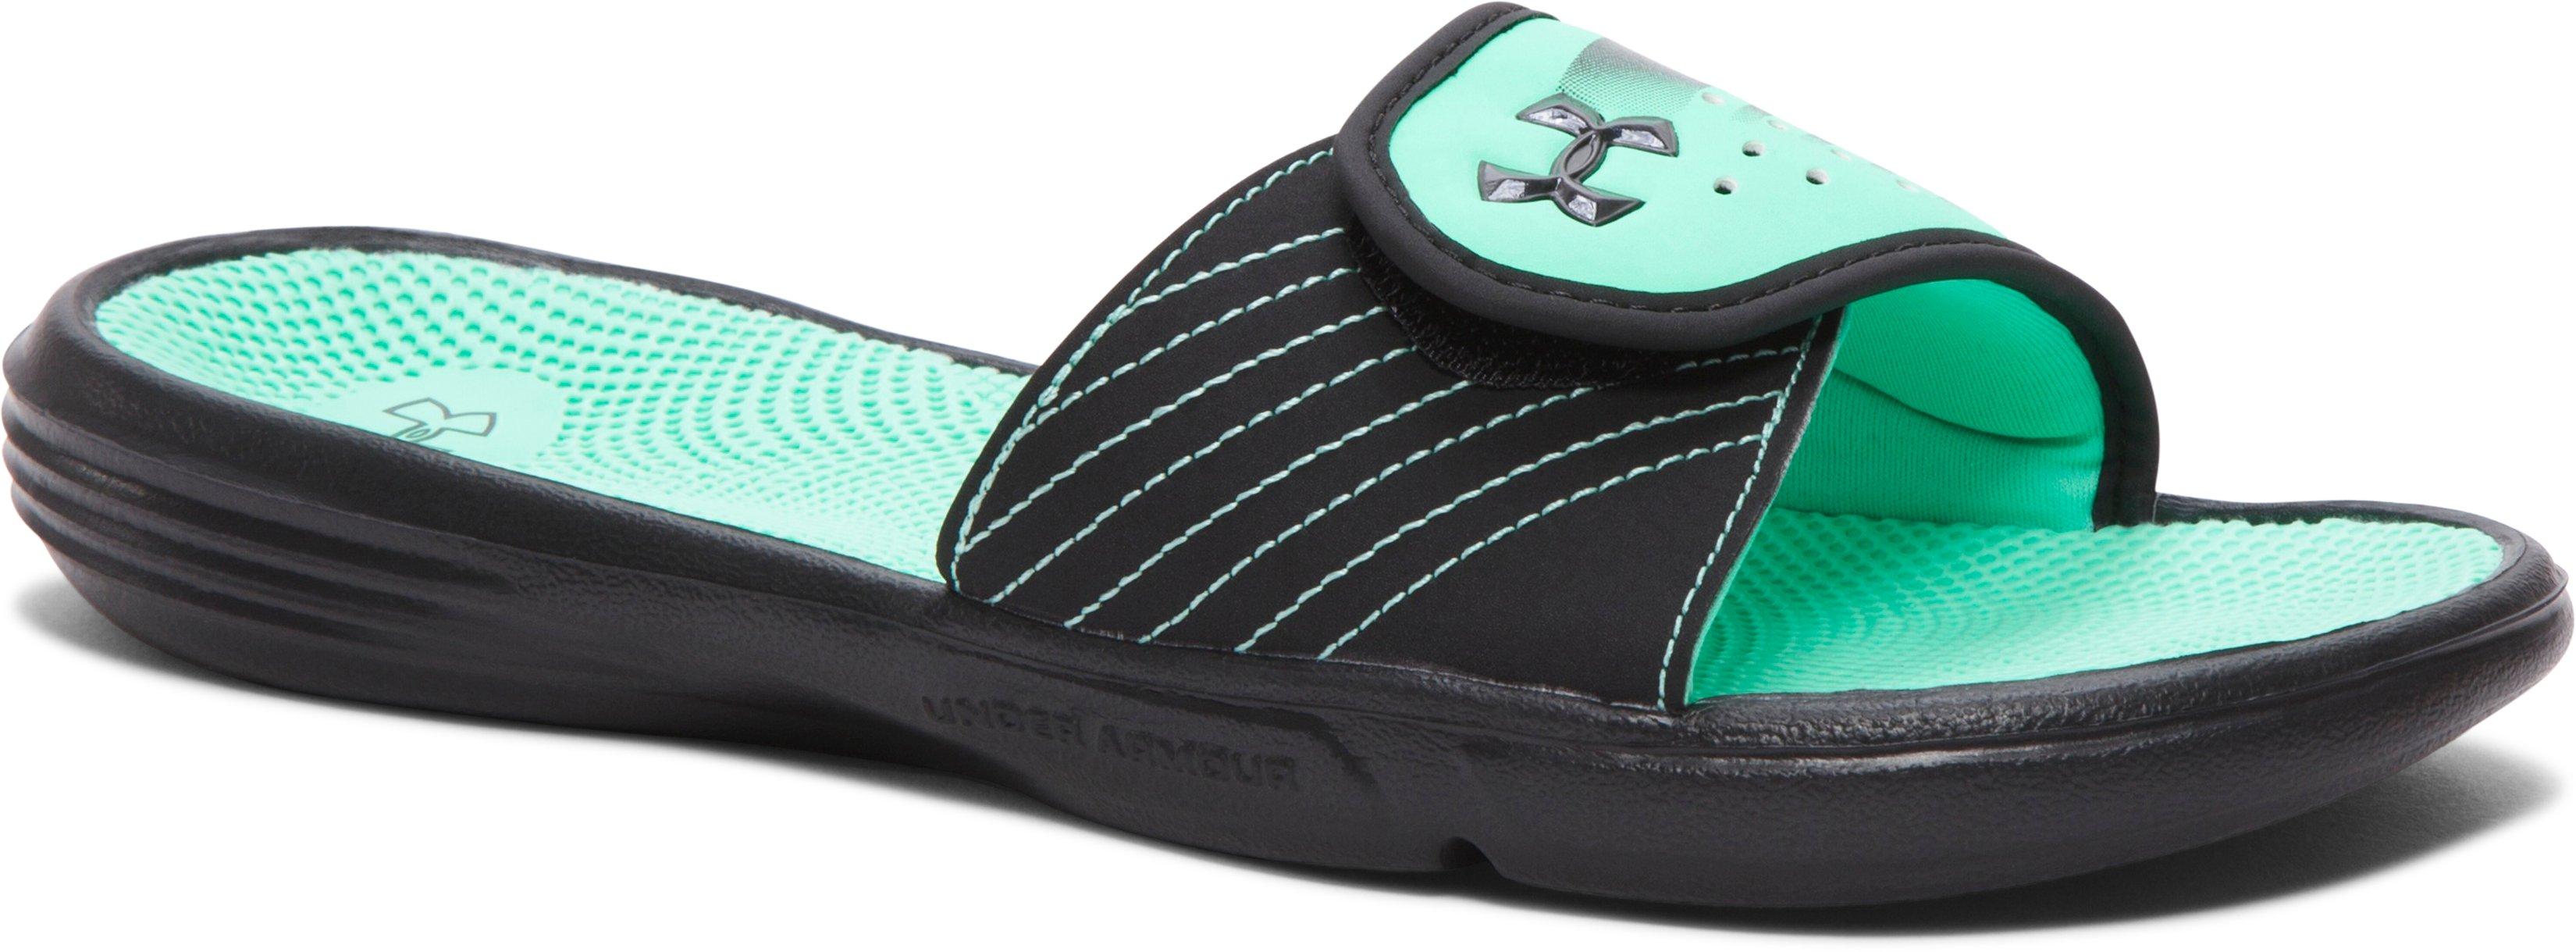 Awesome  Prod99999026362 Category Footwear Women S Footwear Women S Sandals